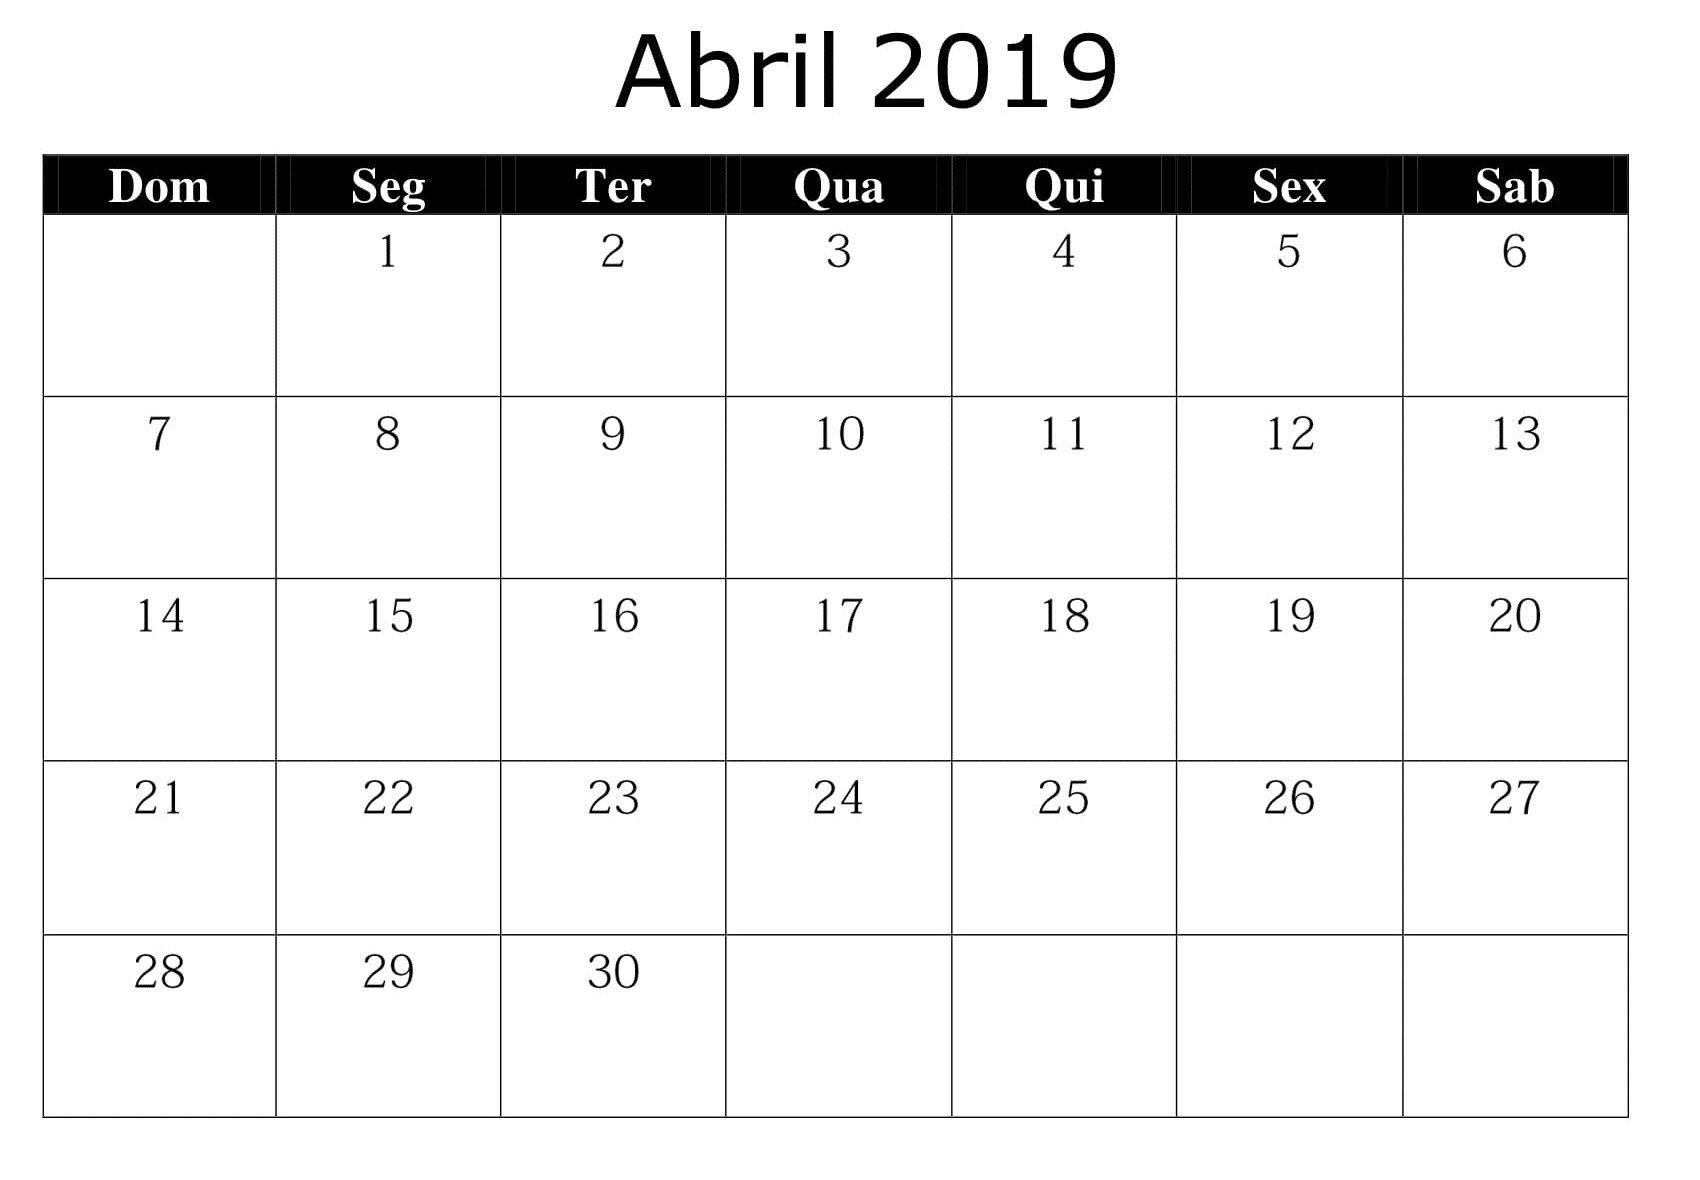 Calendario Enero 2019 Para Imprimir A4 Recientes Calendário Abril 2019 Imprimir Of Calendario Enero 2019 Para Imprimir A4 Más Actual Calendario De Mesa 2016 Prar Takvim Kalender Hd